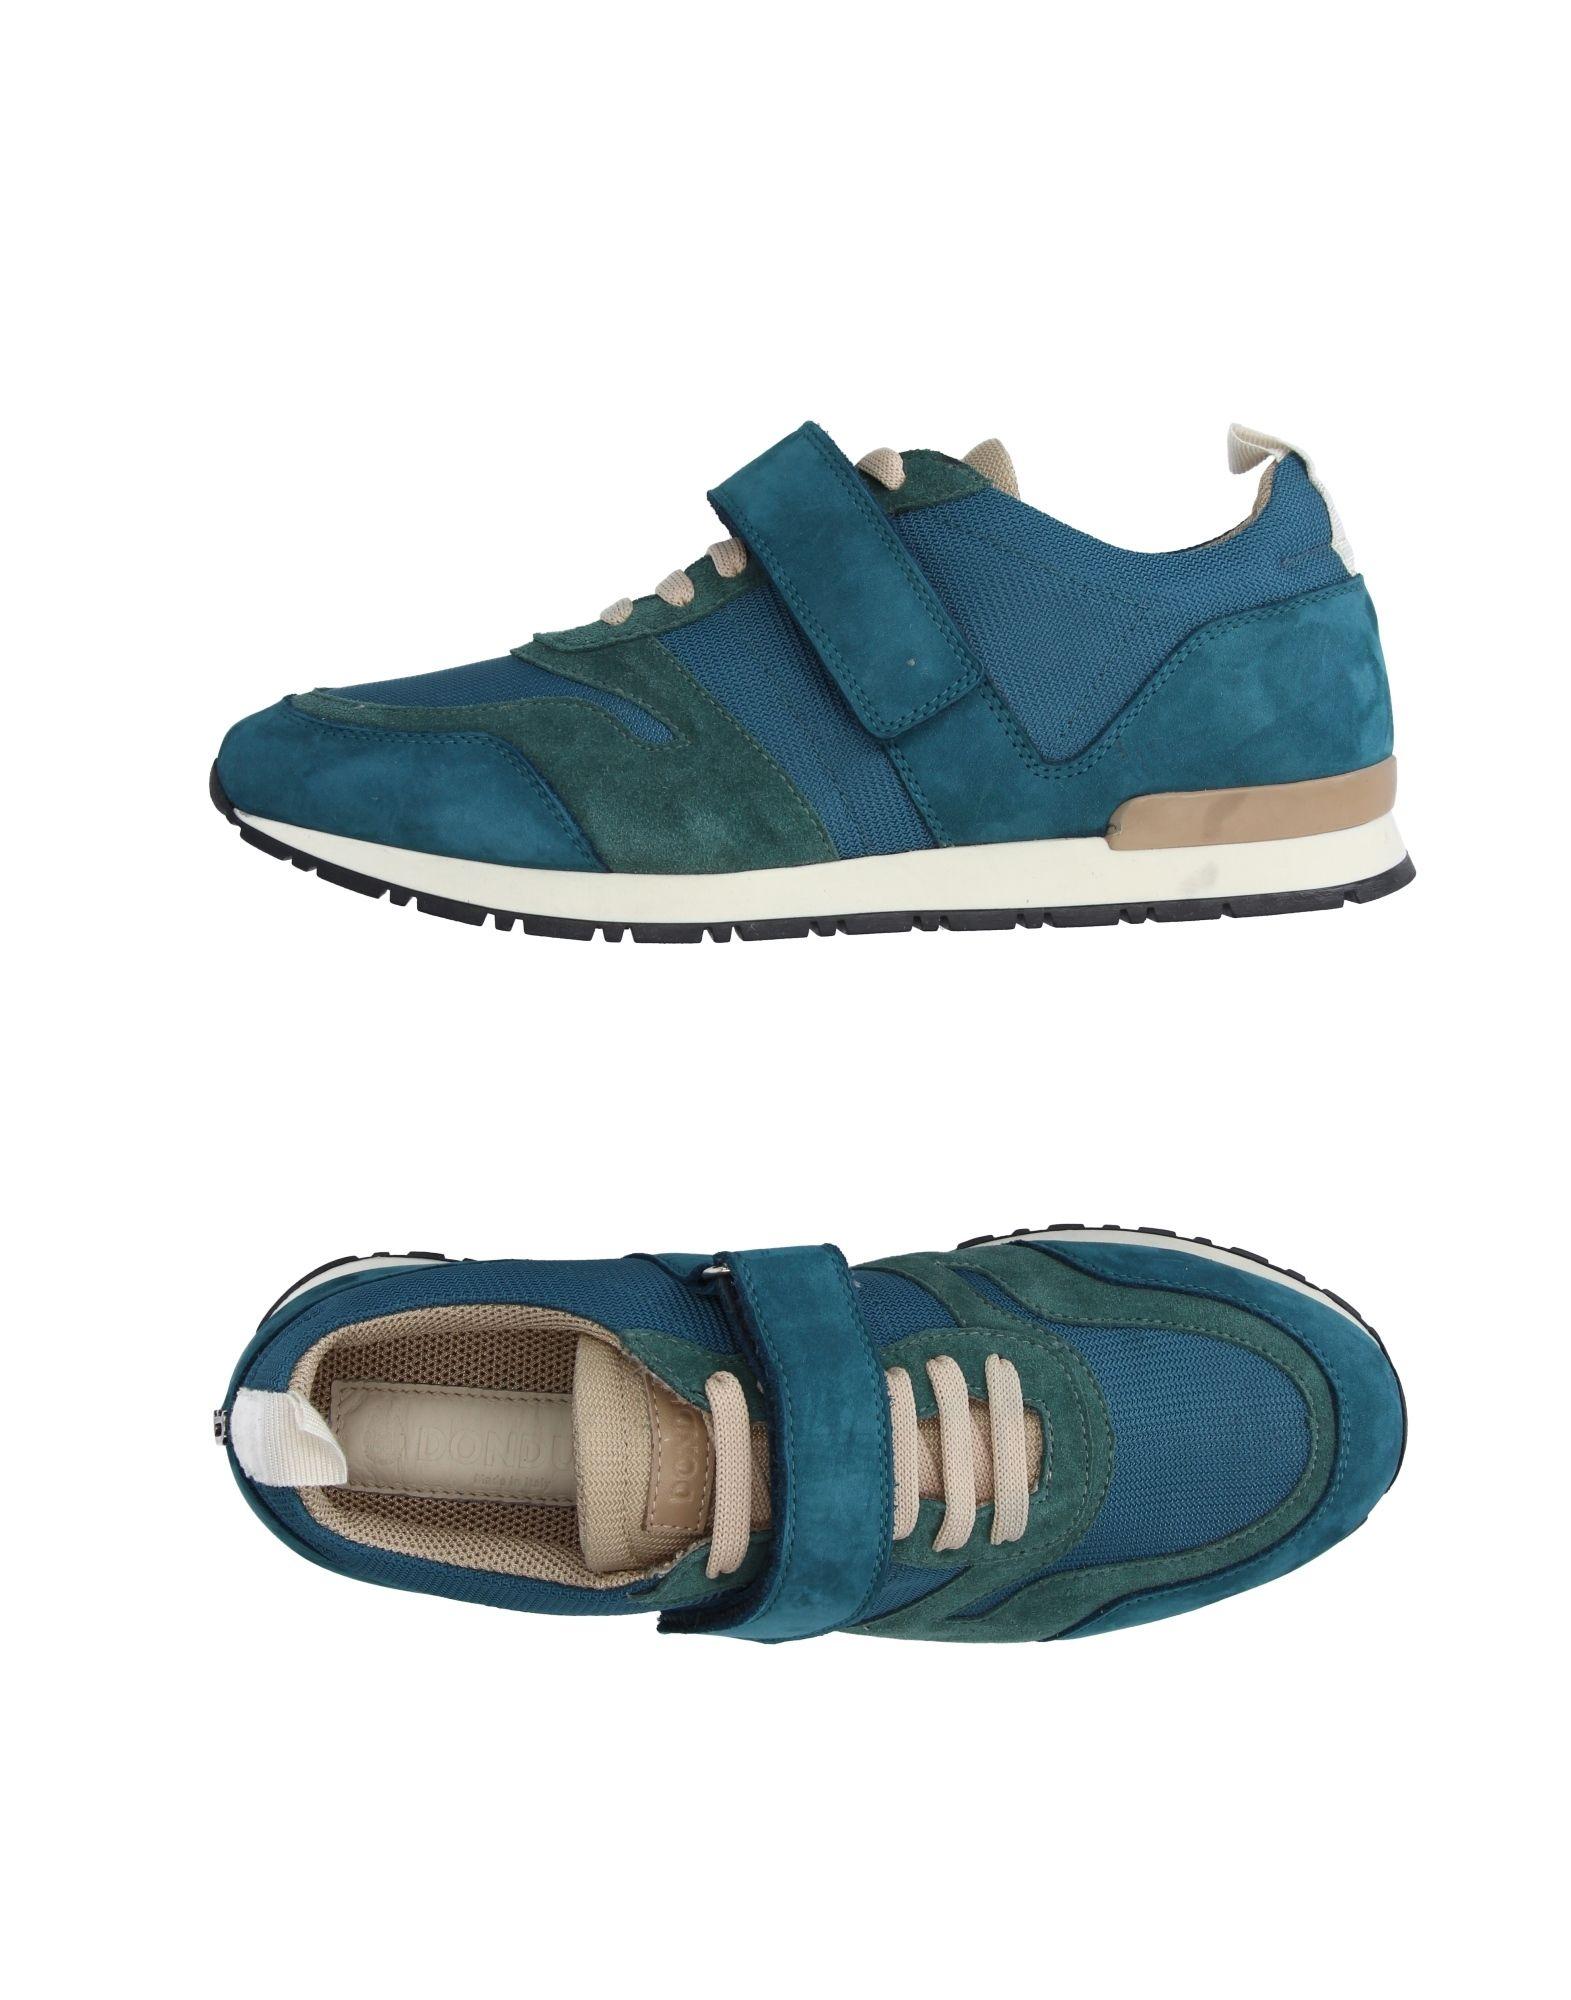 Dondup Gute Sneakers Herren  11215803GL Gute Dondup Qualität beliebte Schuhe e2cfe8